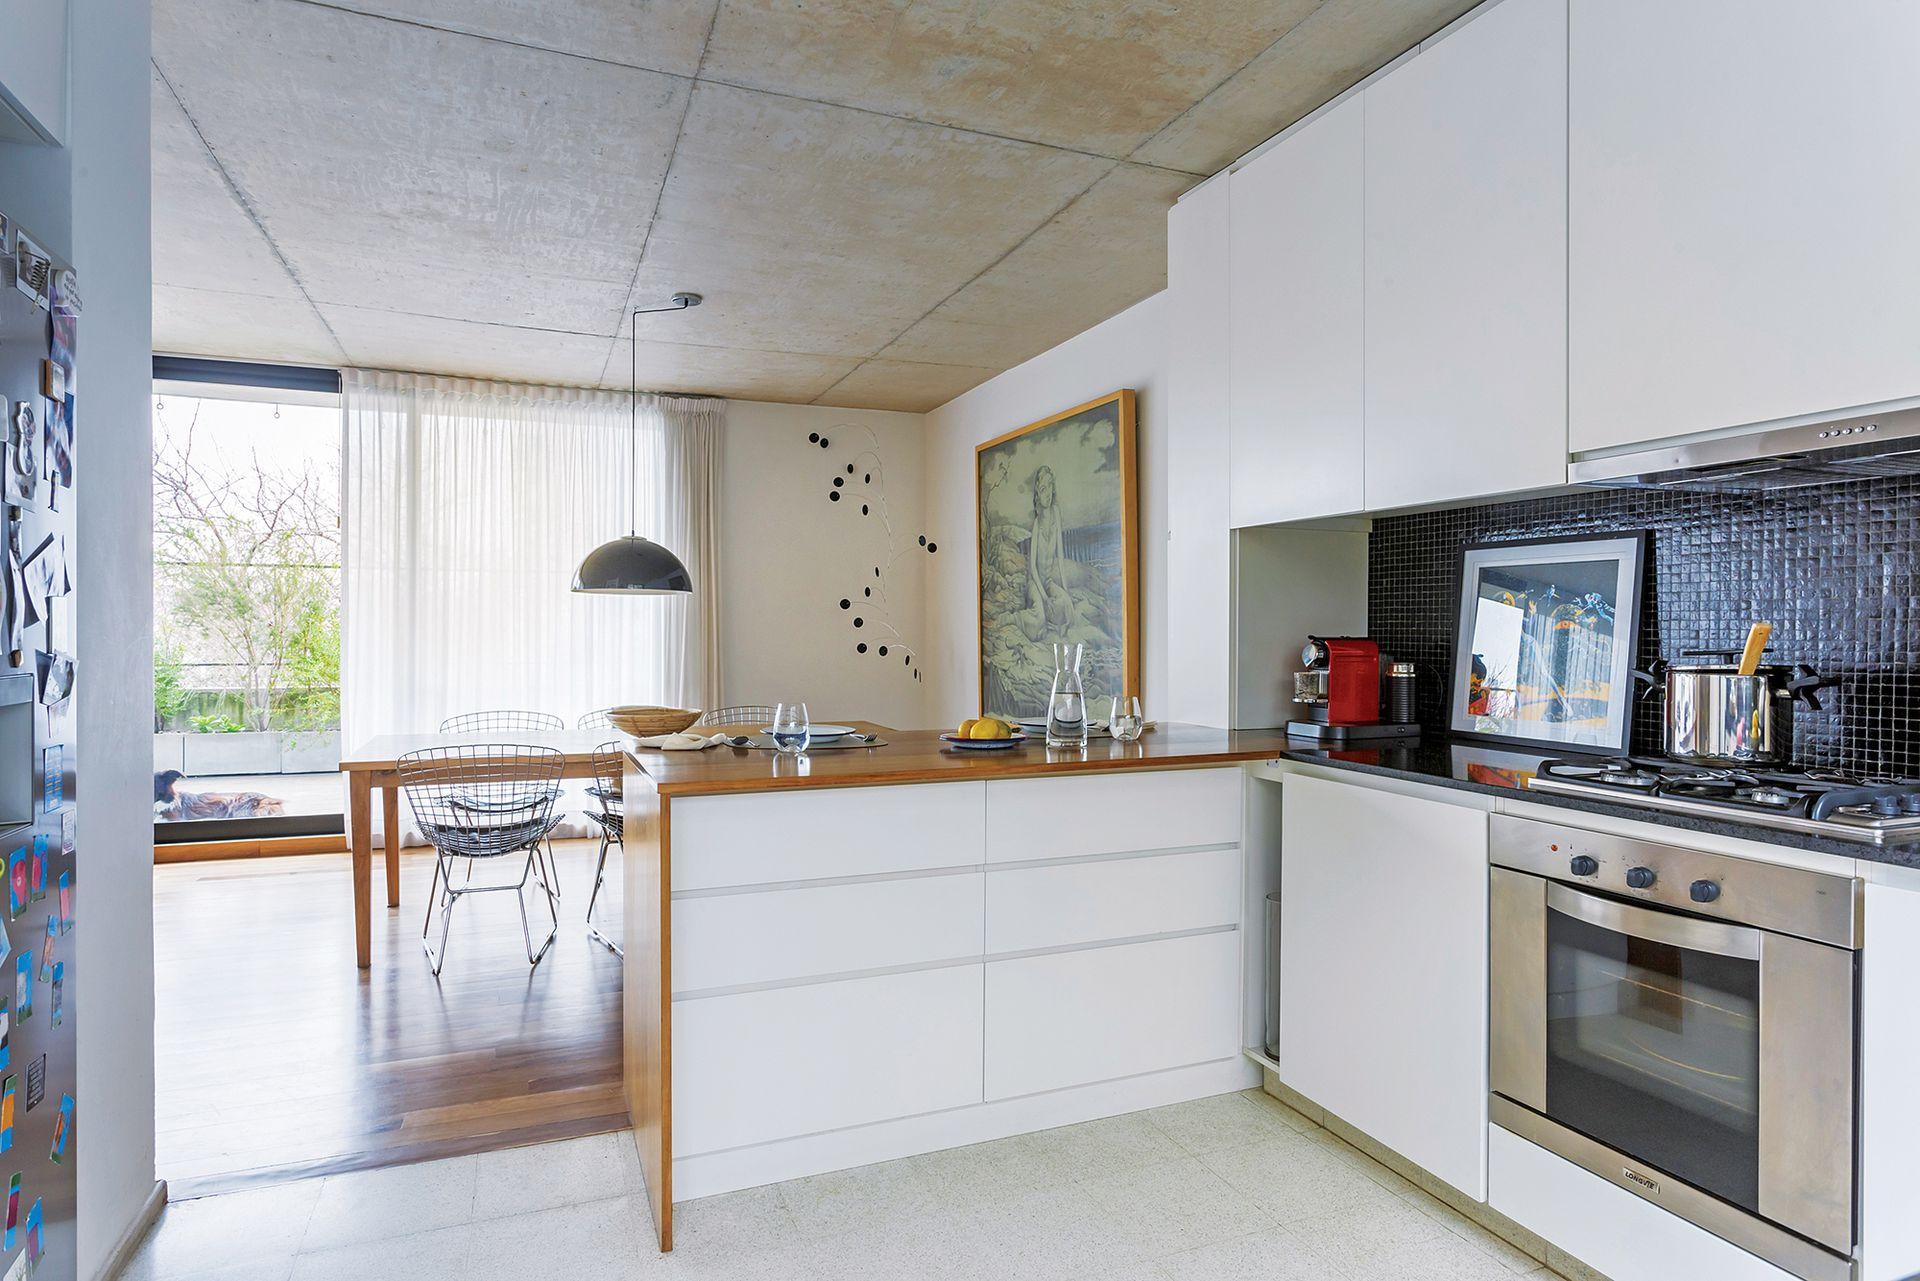 En la cocina, el mobiliario con frente de madera laqueada y sin herrajes crea un plano neto y continuo. En el sector se puso una alzada de venecitas y cocina (Indesit).